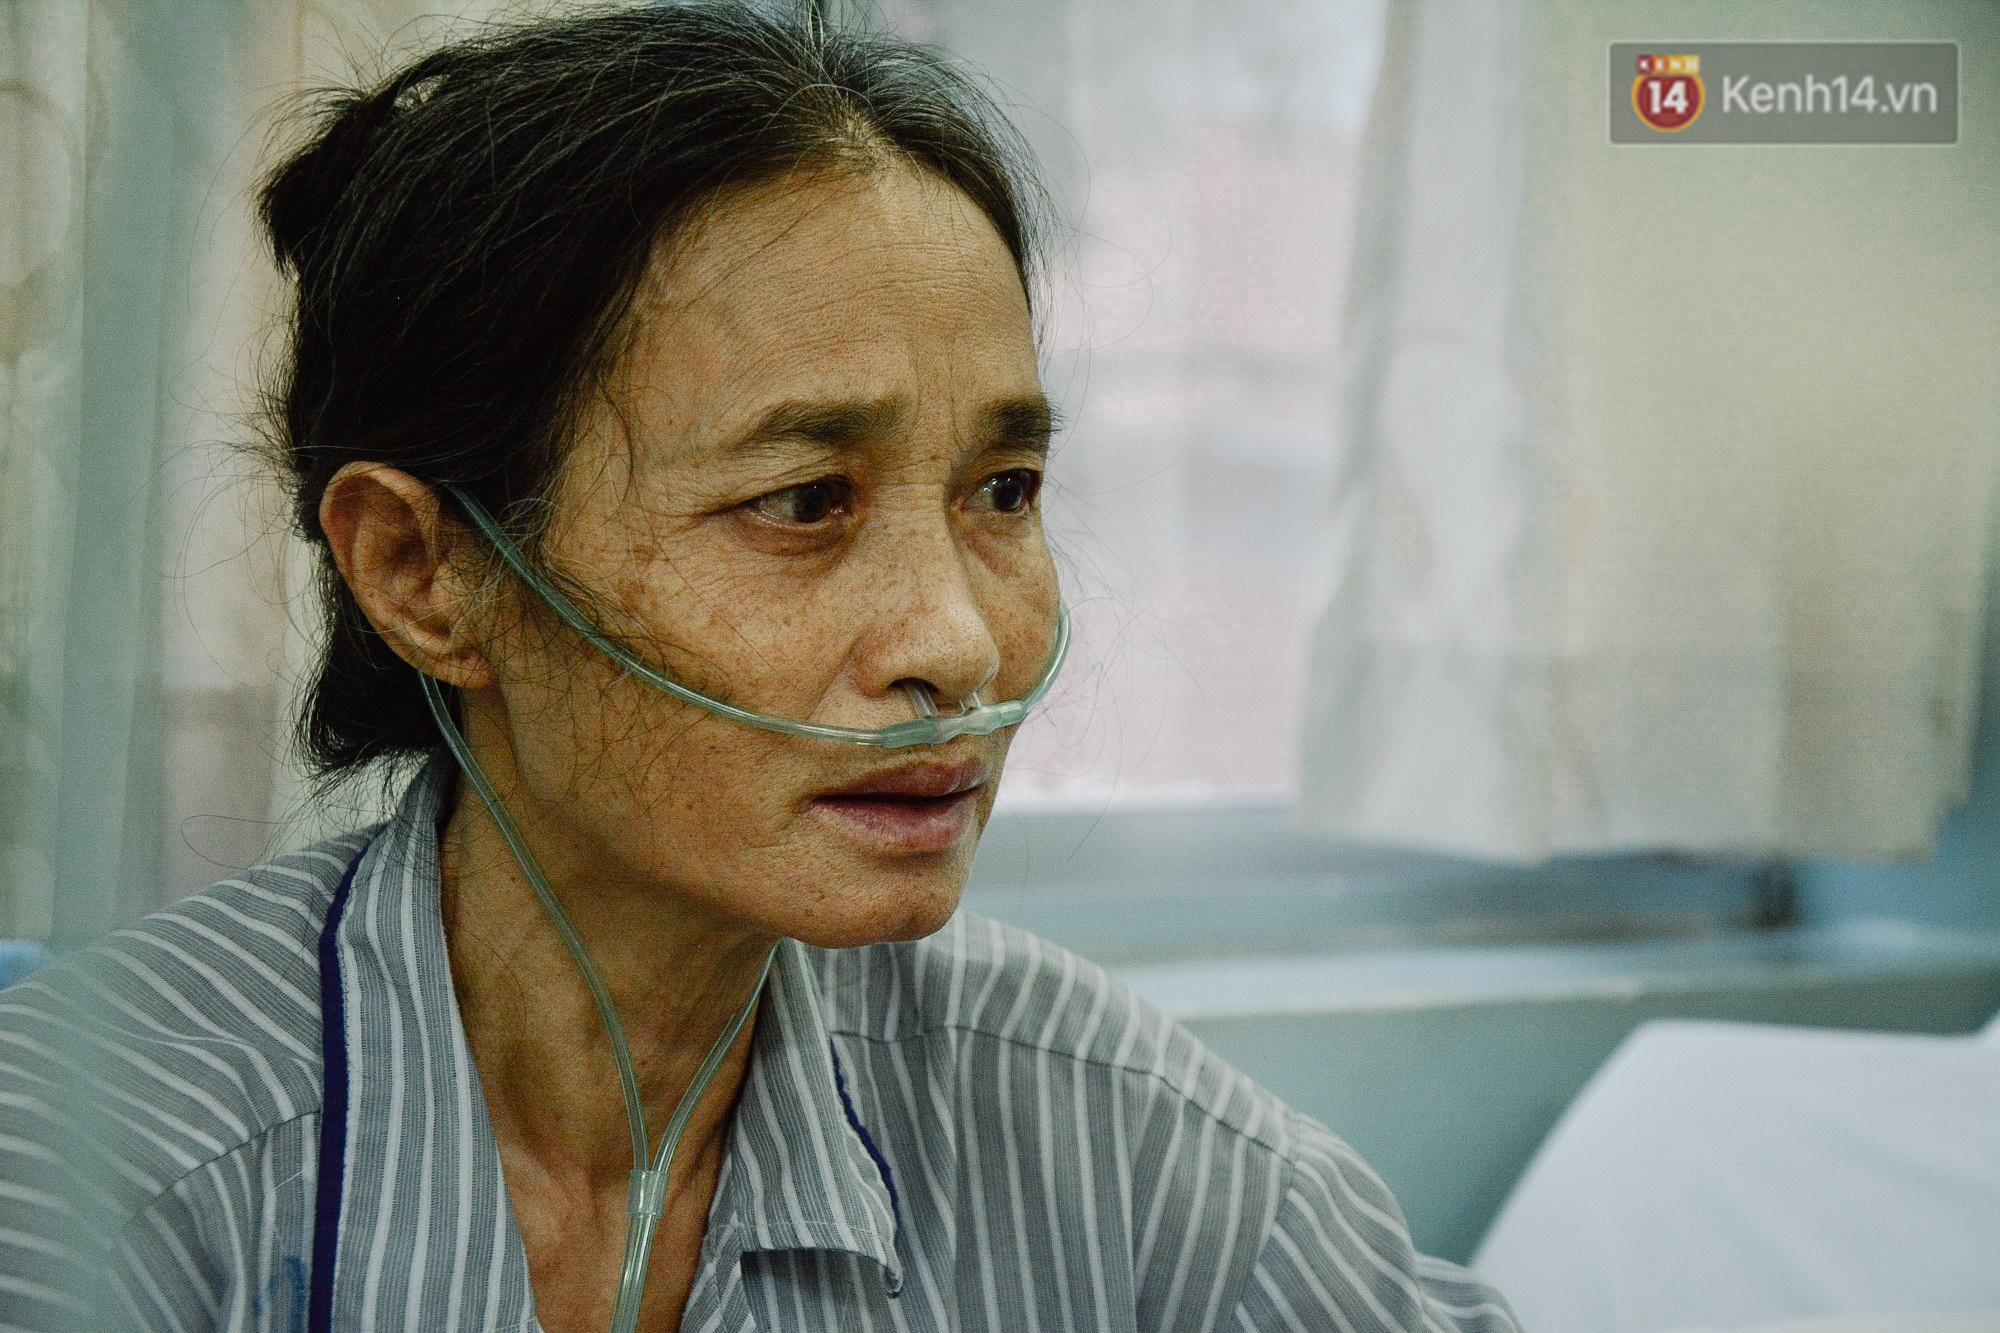 Xót xa cảnh người mẹ đơn thân ở Sài Gòn gần 60 năm giấu bệnh tim để được đi làm kiếm tiền nuôi con - Ảnh 2.